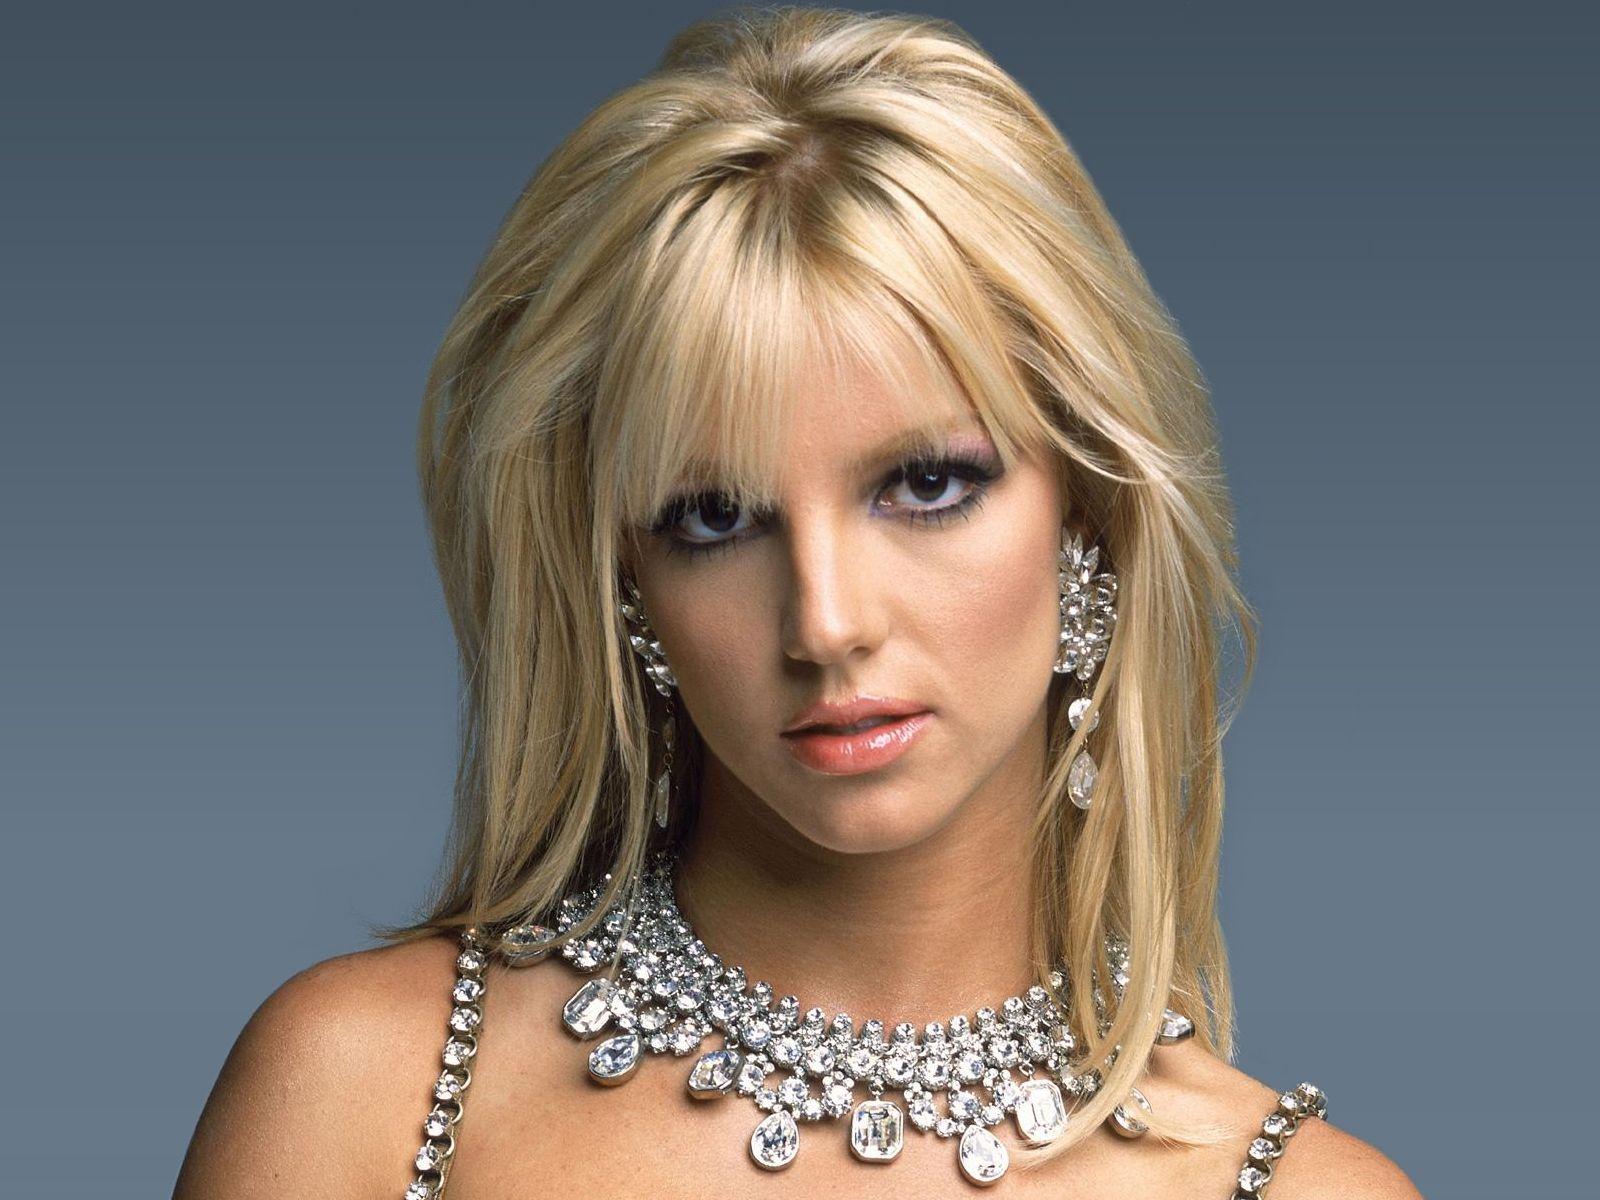 http://1.bp.blogspot.com/-3mIb18S1Lq0/TkqmXq4vofI/AAAAAAAAALU/GWo2RZp-Gbw/s1600/Britney+Spears.jpg